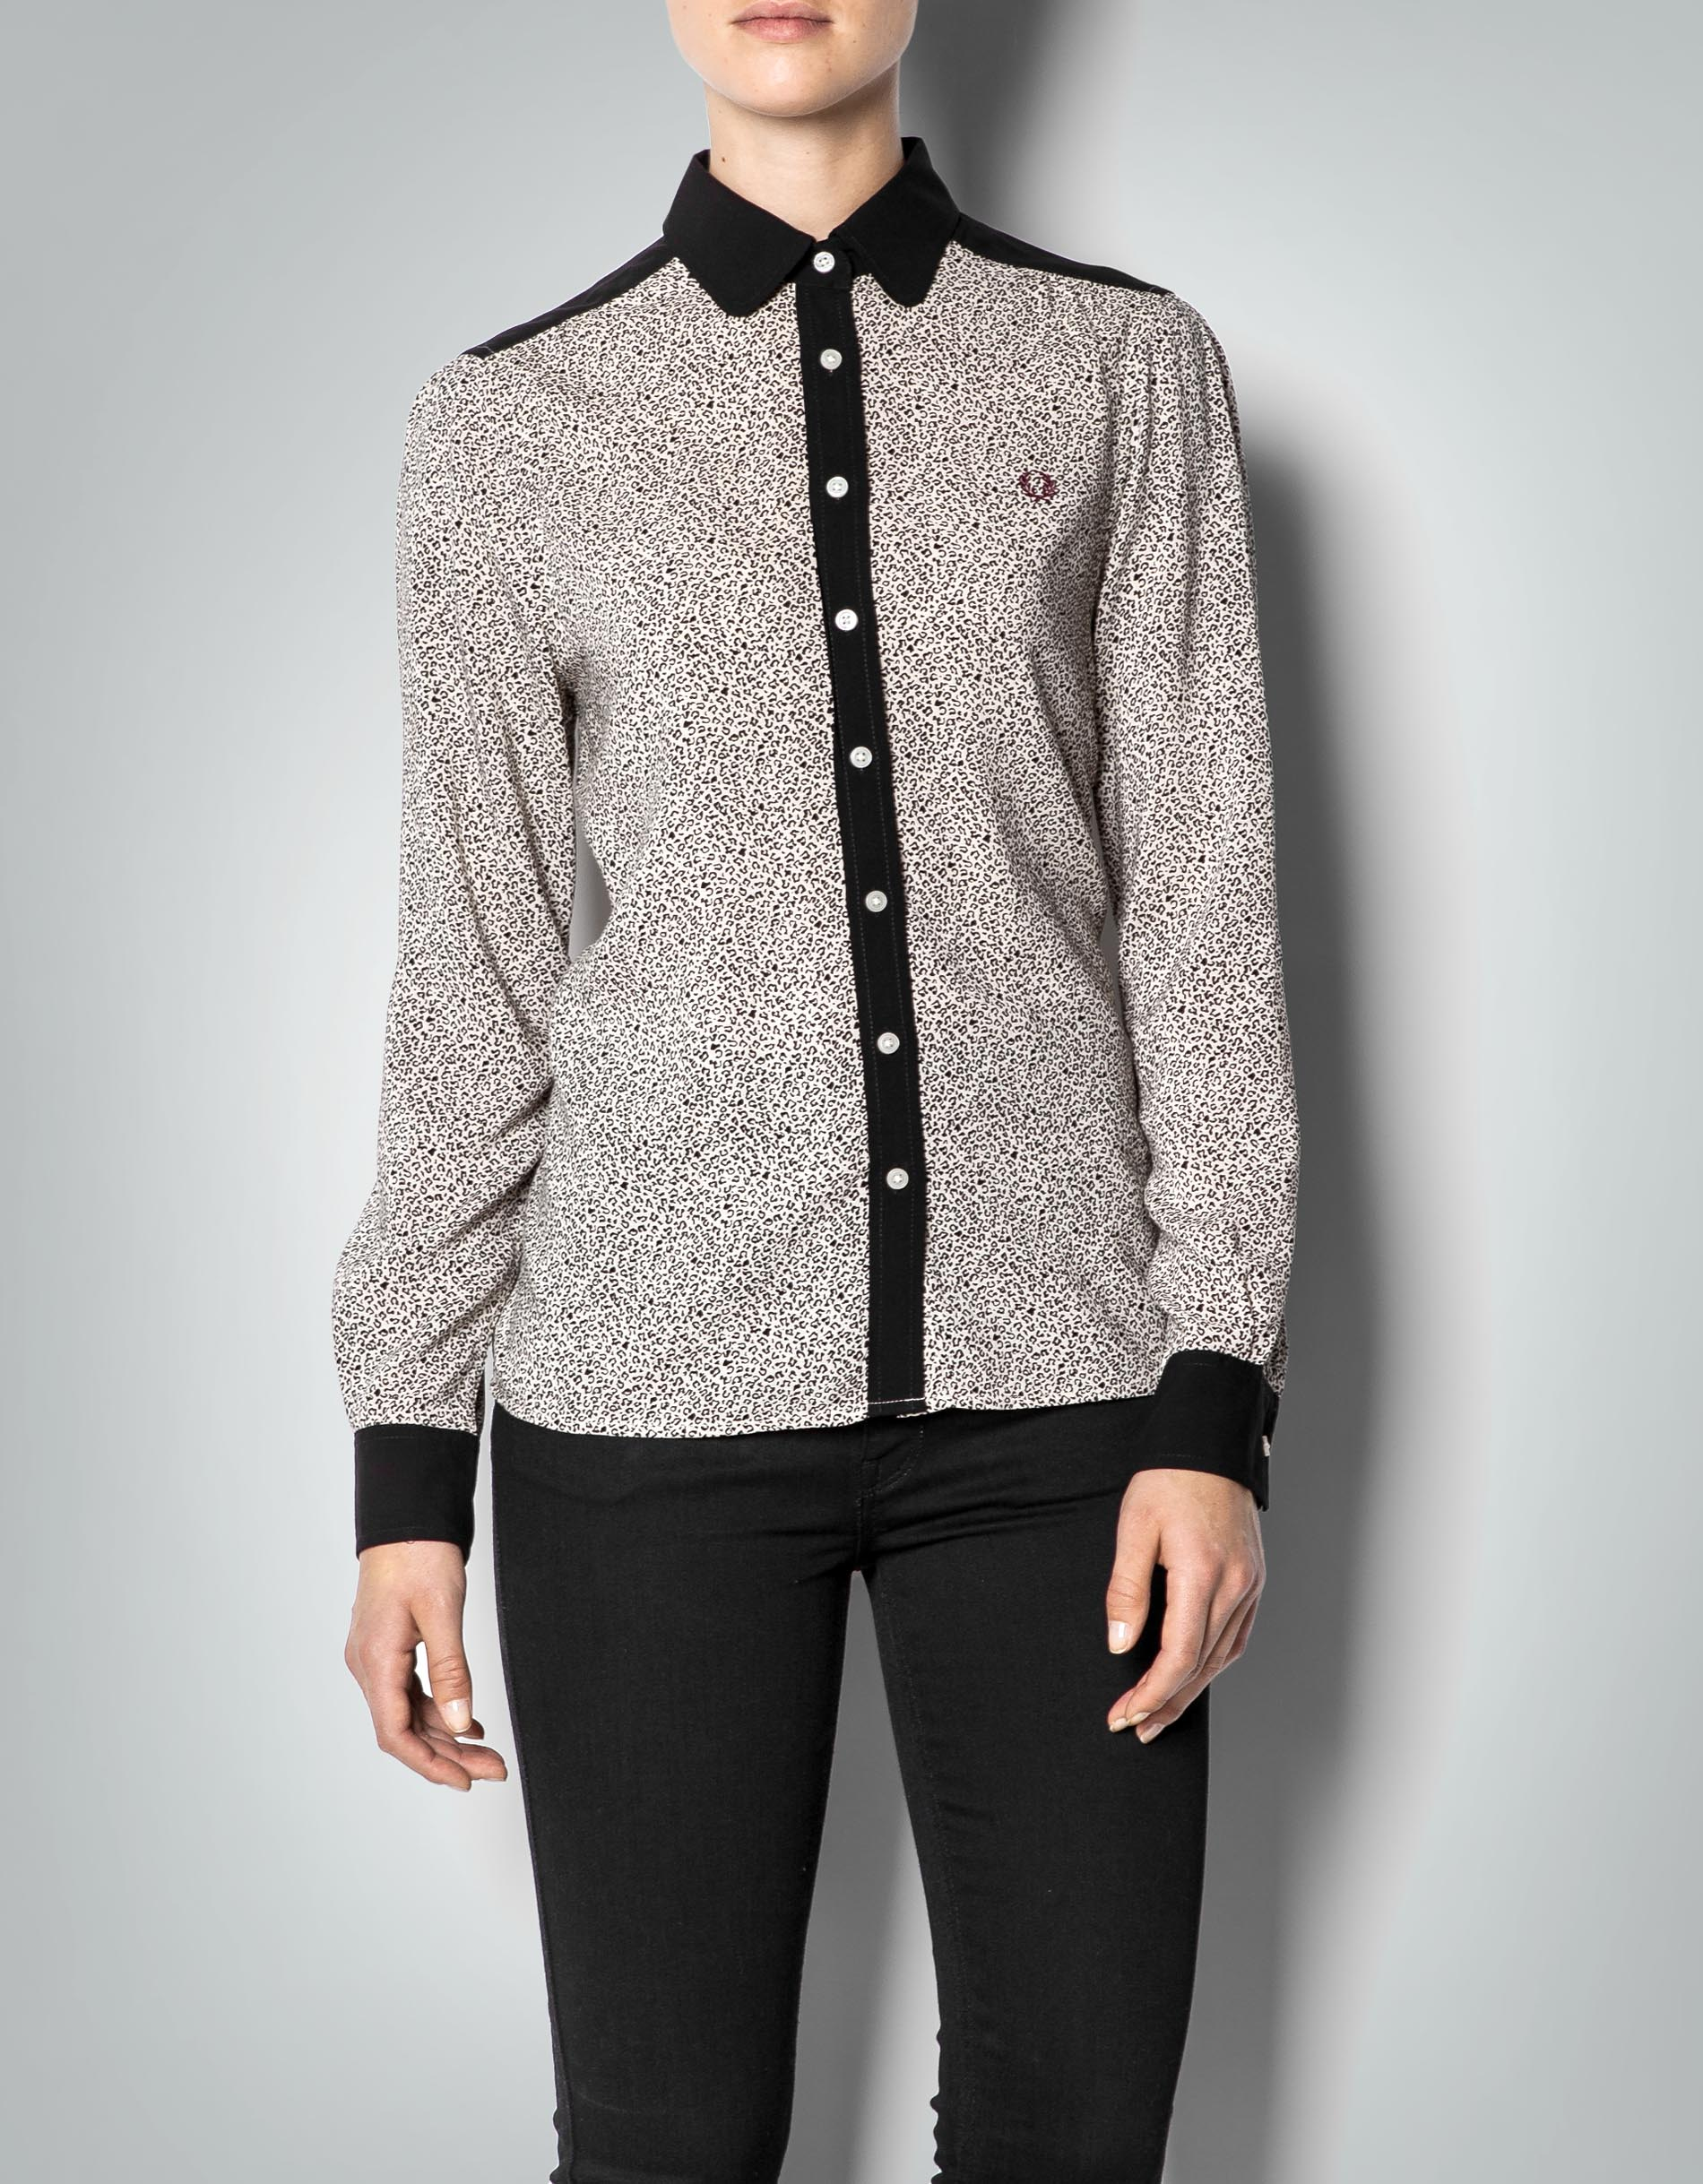 fred perry damen bluse schwarz wei mit aninmal print empfohlen von deinen schwestern. Black Bedroom Furniture Sets. Home Design Ideas